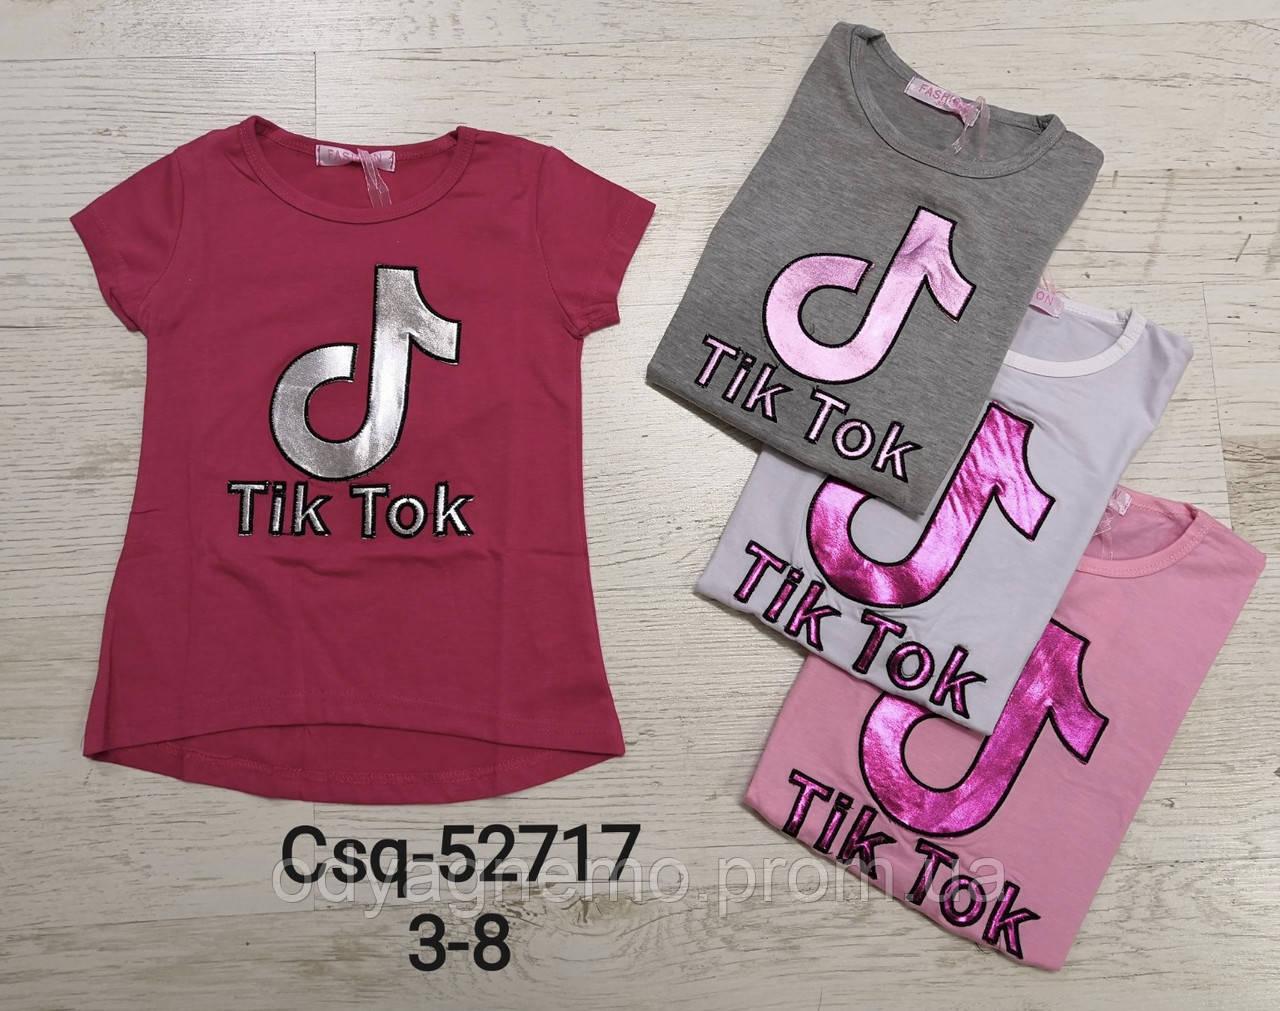 Футболка для девочек Tik Tok Seagull , 3/4-7/8 лет. Артикул: CSQ52717